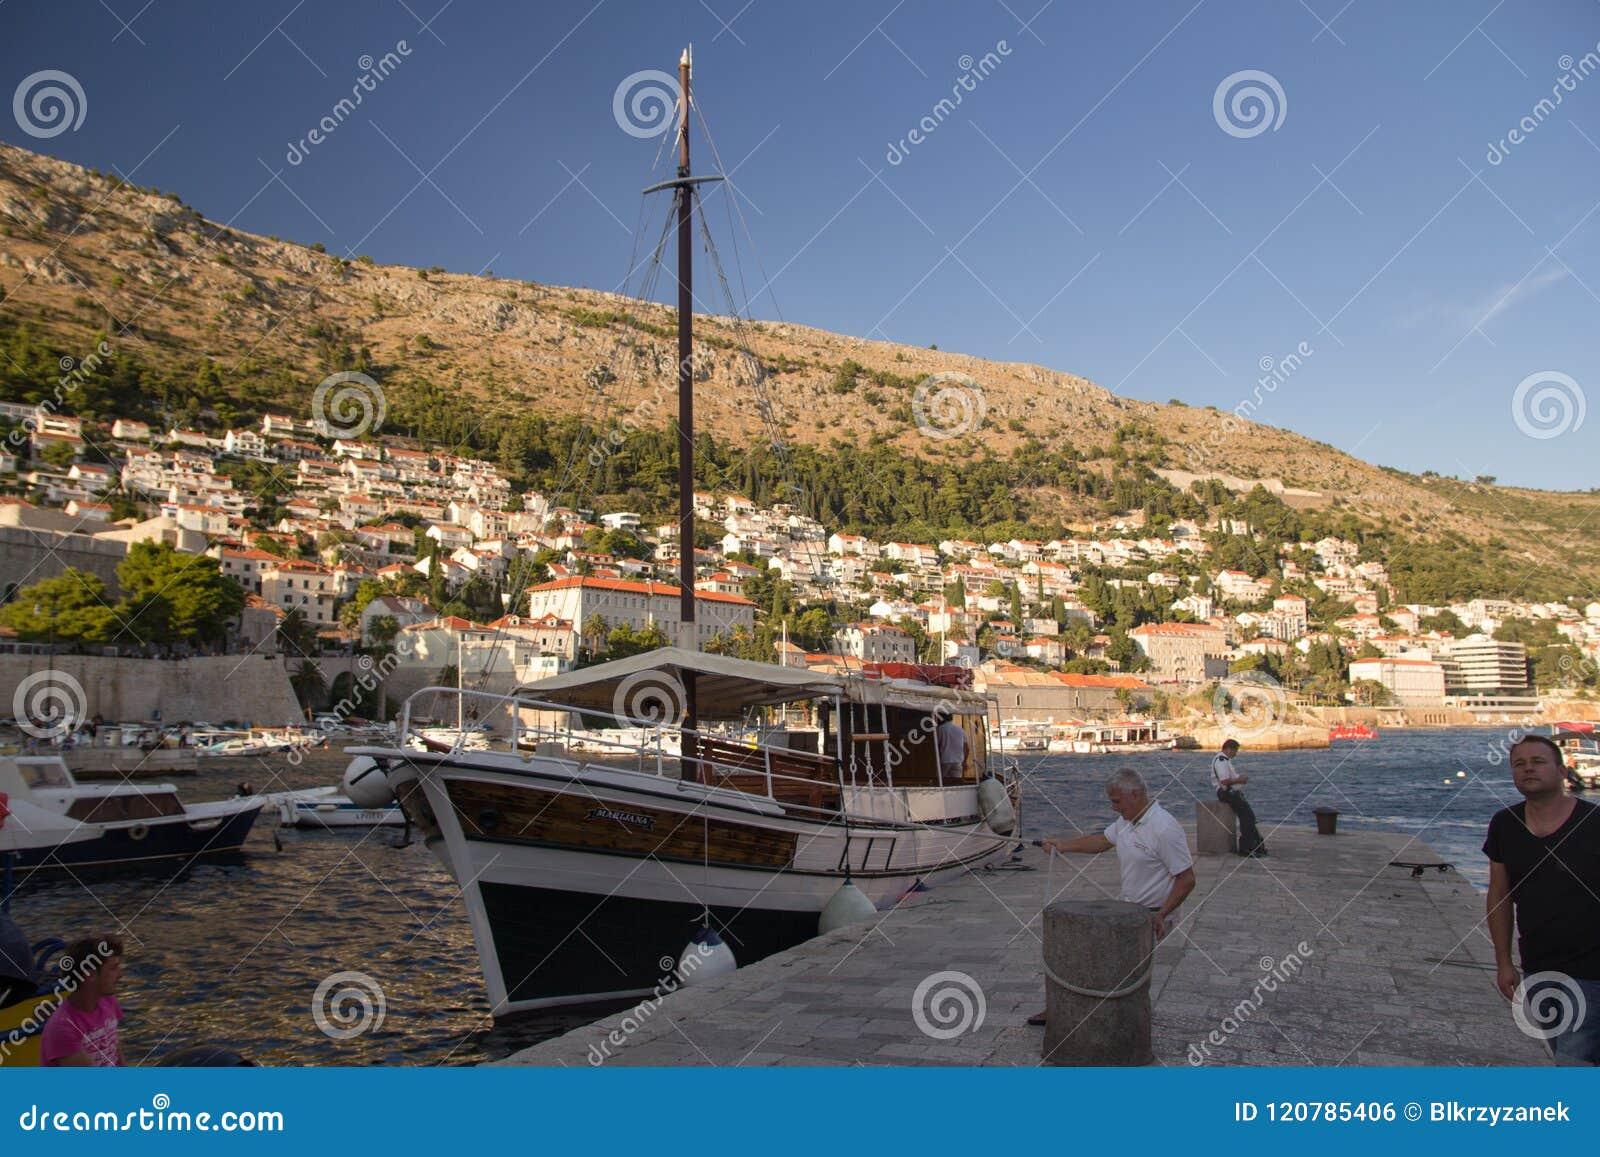 Dubrovnik, Croacia - 08 23 2016: Un hombre amarró un barco en el puerto de Dubrovnik